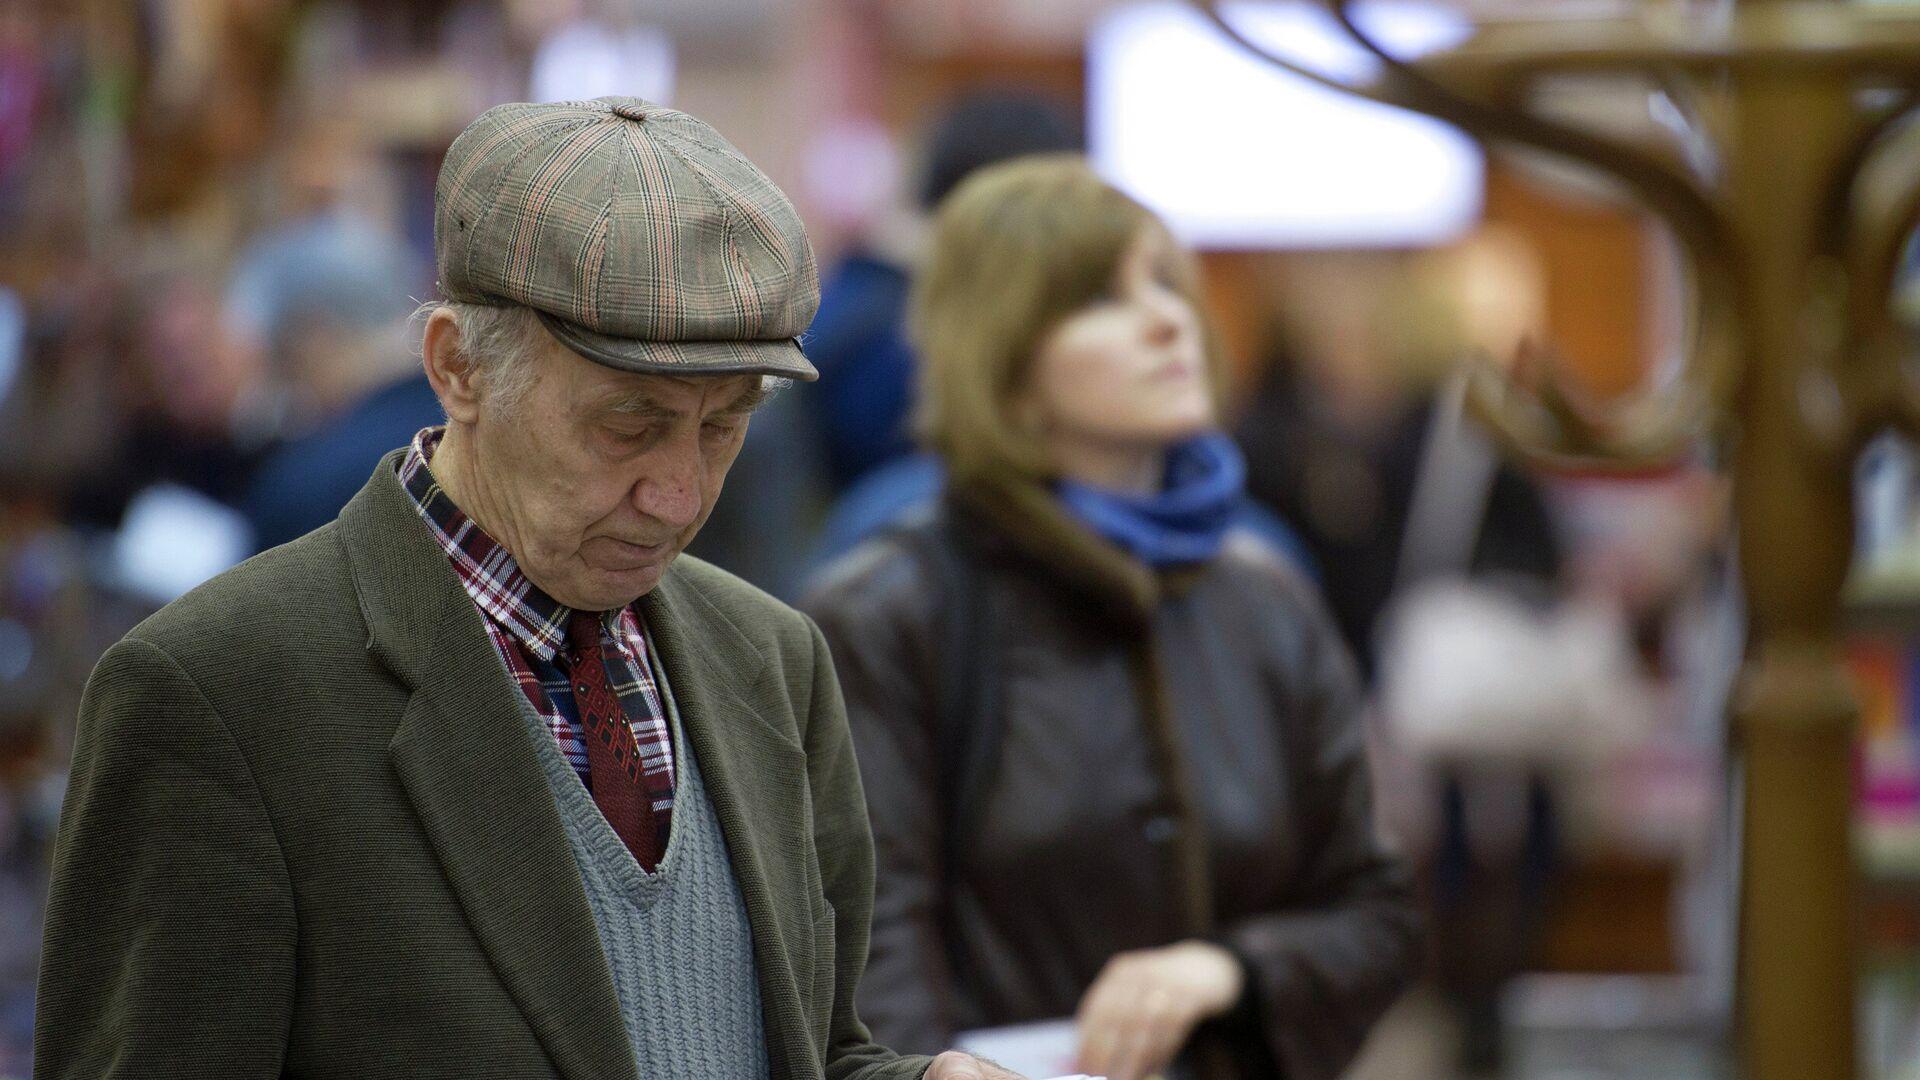 Пенсия за выслугу лет в 2021 - кто имеет право на получение?